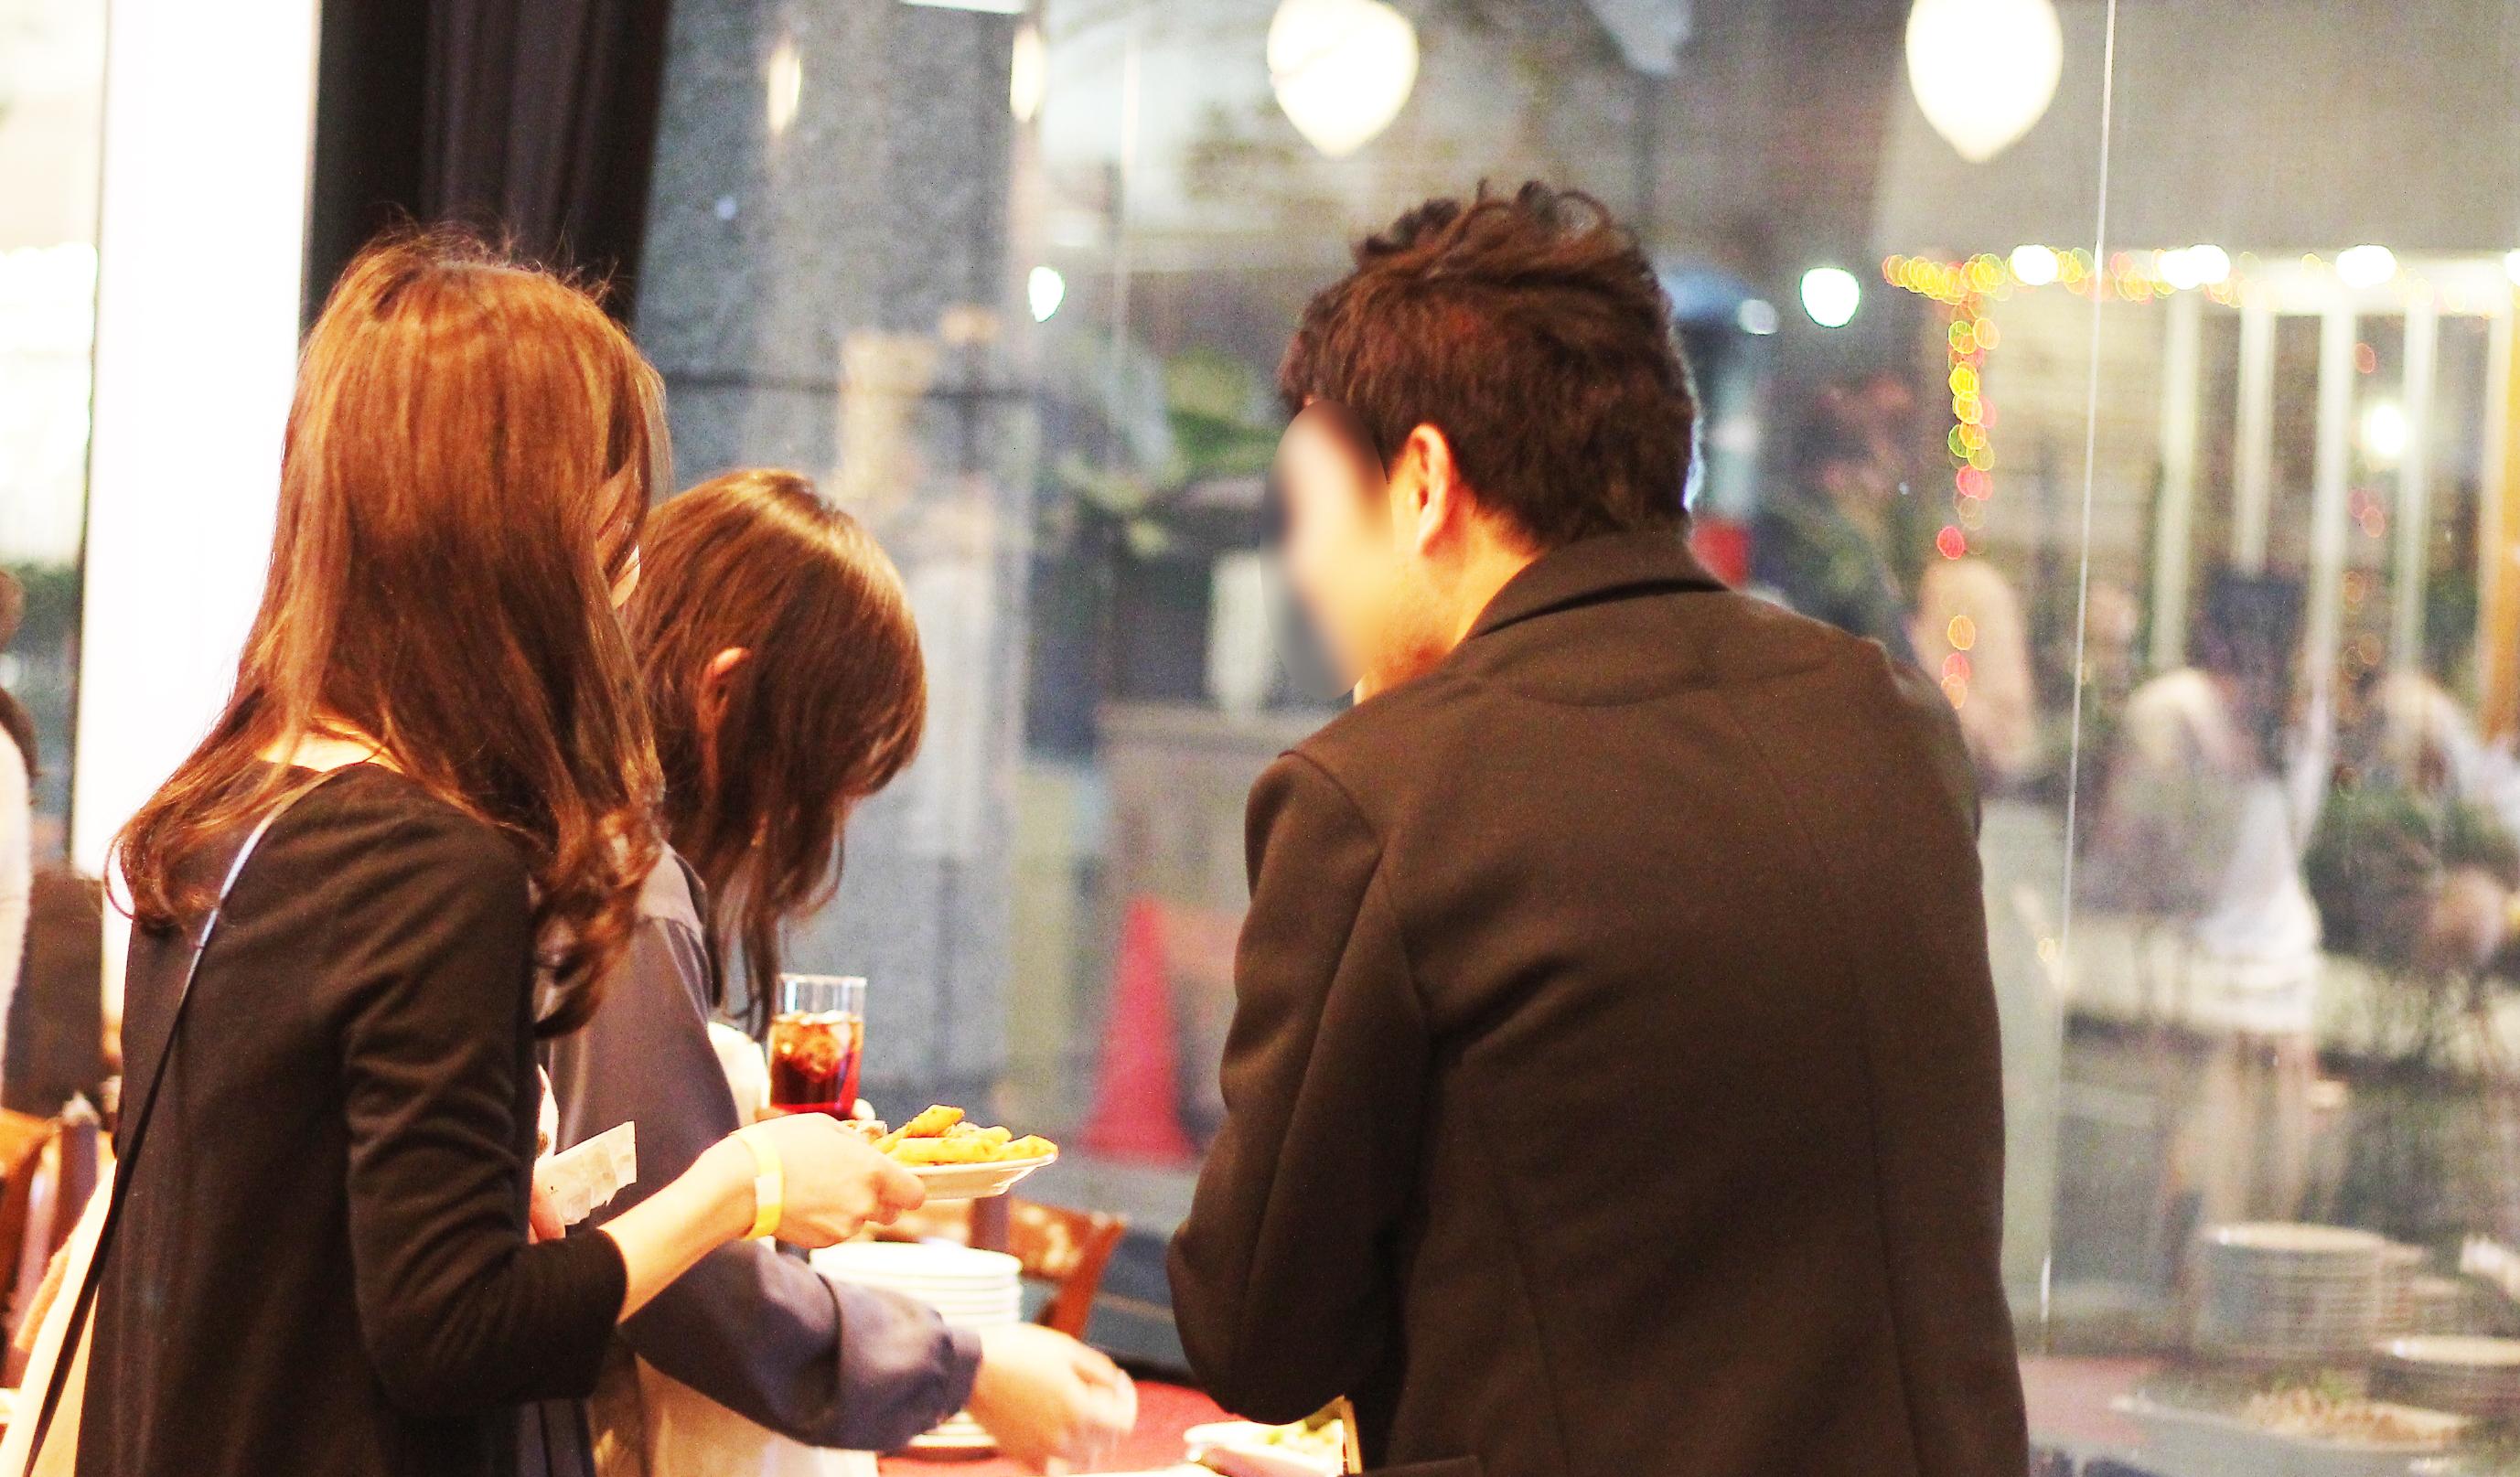 【神戸】異国情緒溢れるオシャレな街並みにムードは抜群☆立食婚活恋活パーティーを開催 サブ画像2